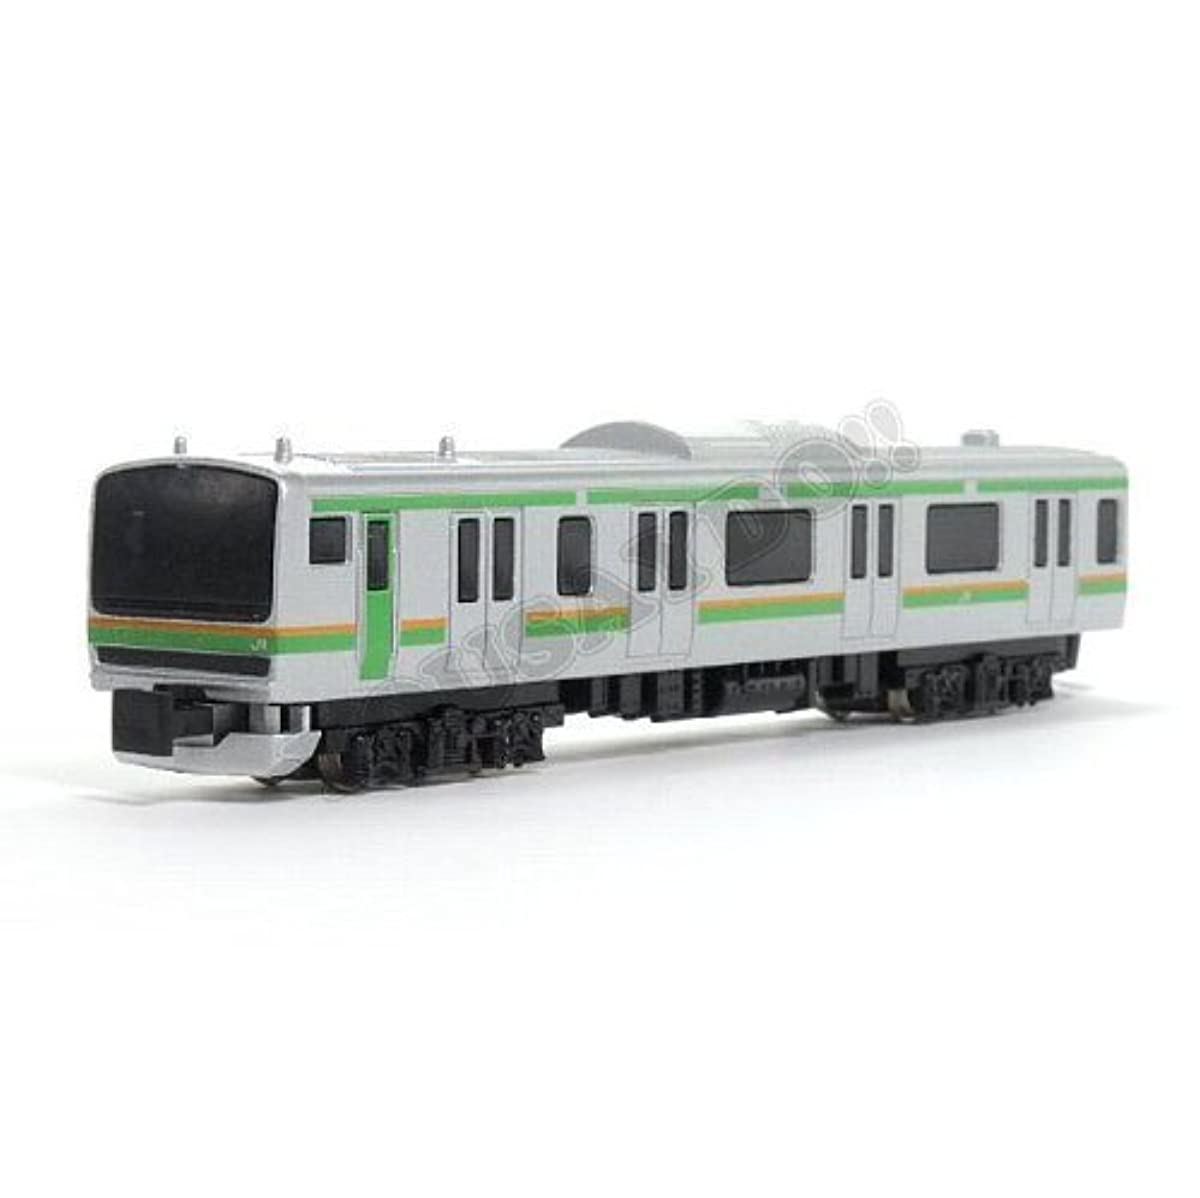 [해외] 【NEW】 train N게이지 다이캐스트 스케일 모델 NO.20  E231 계쇼우난 신쥬쿠 라인-